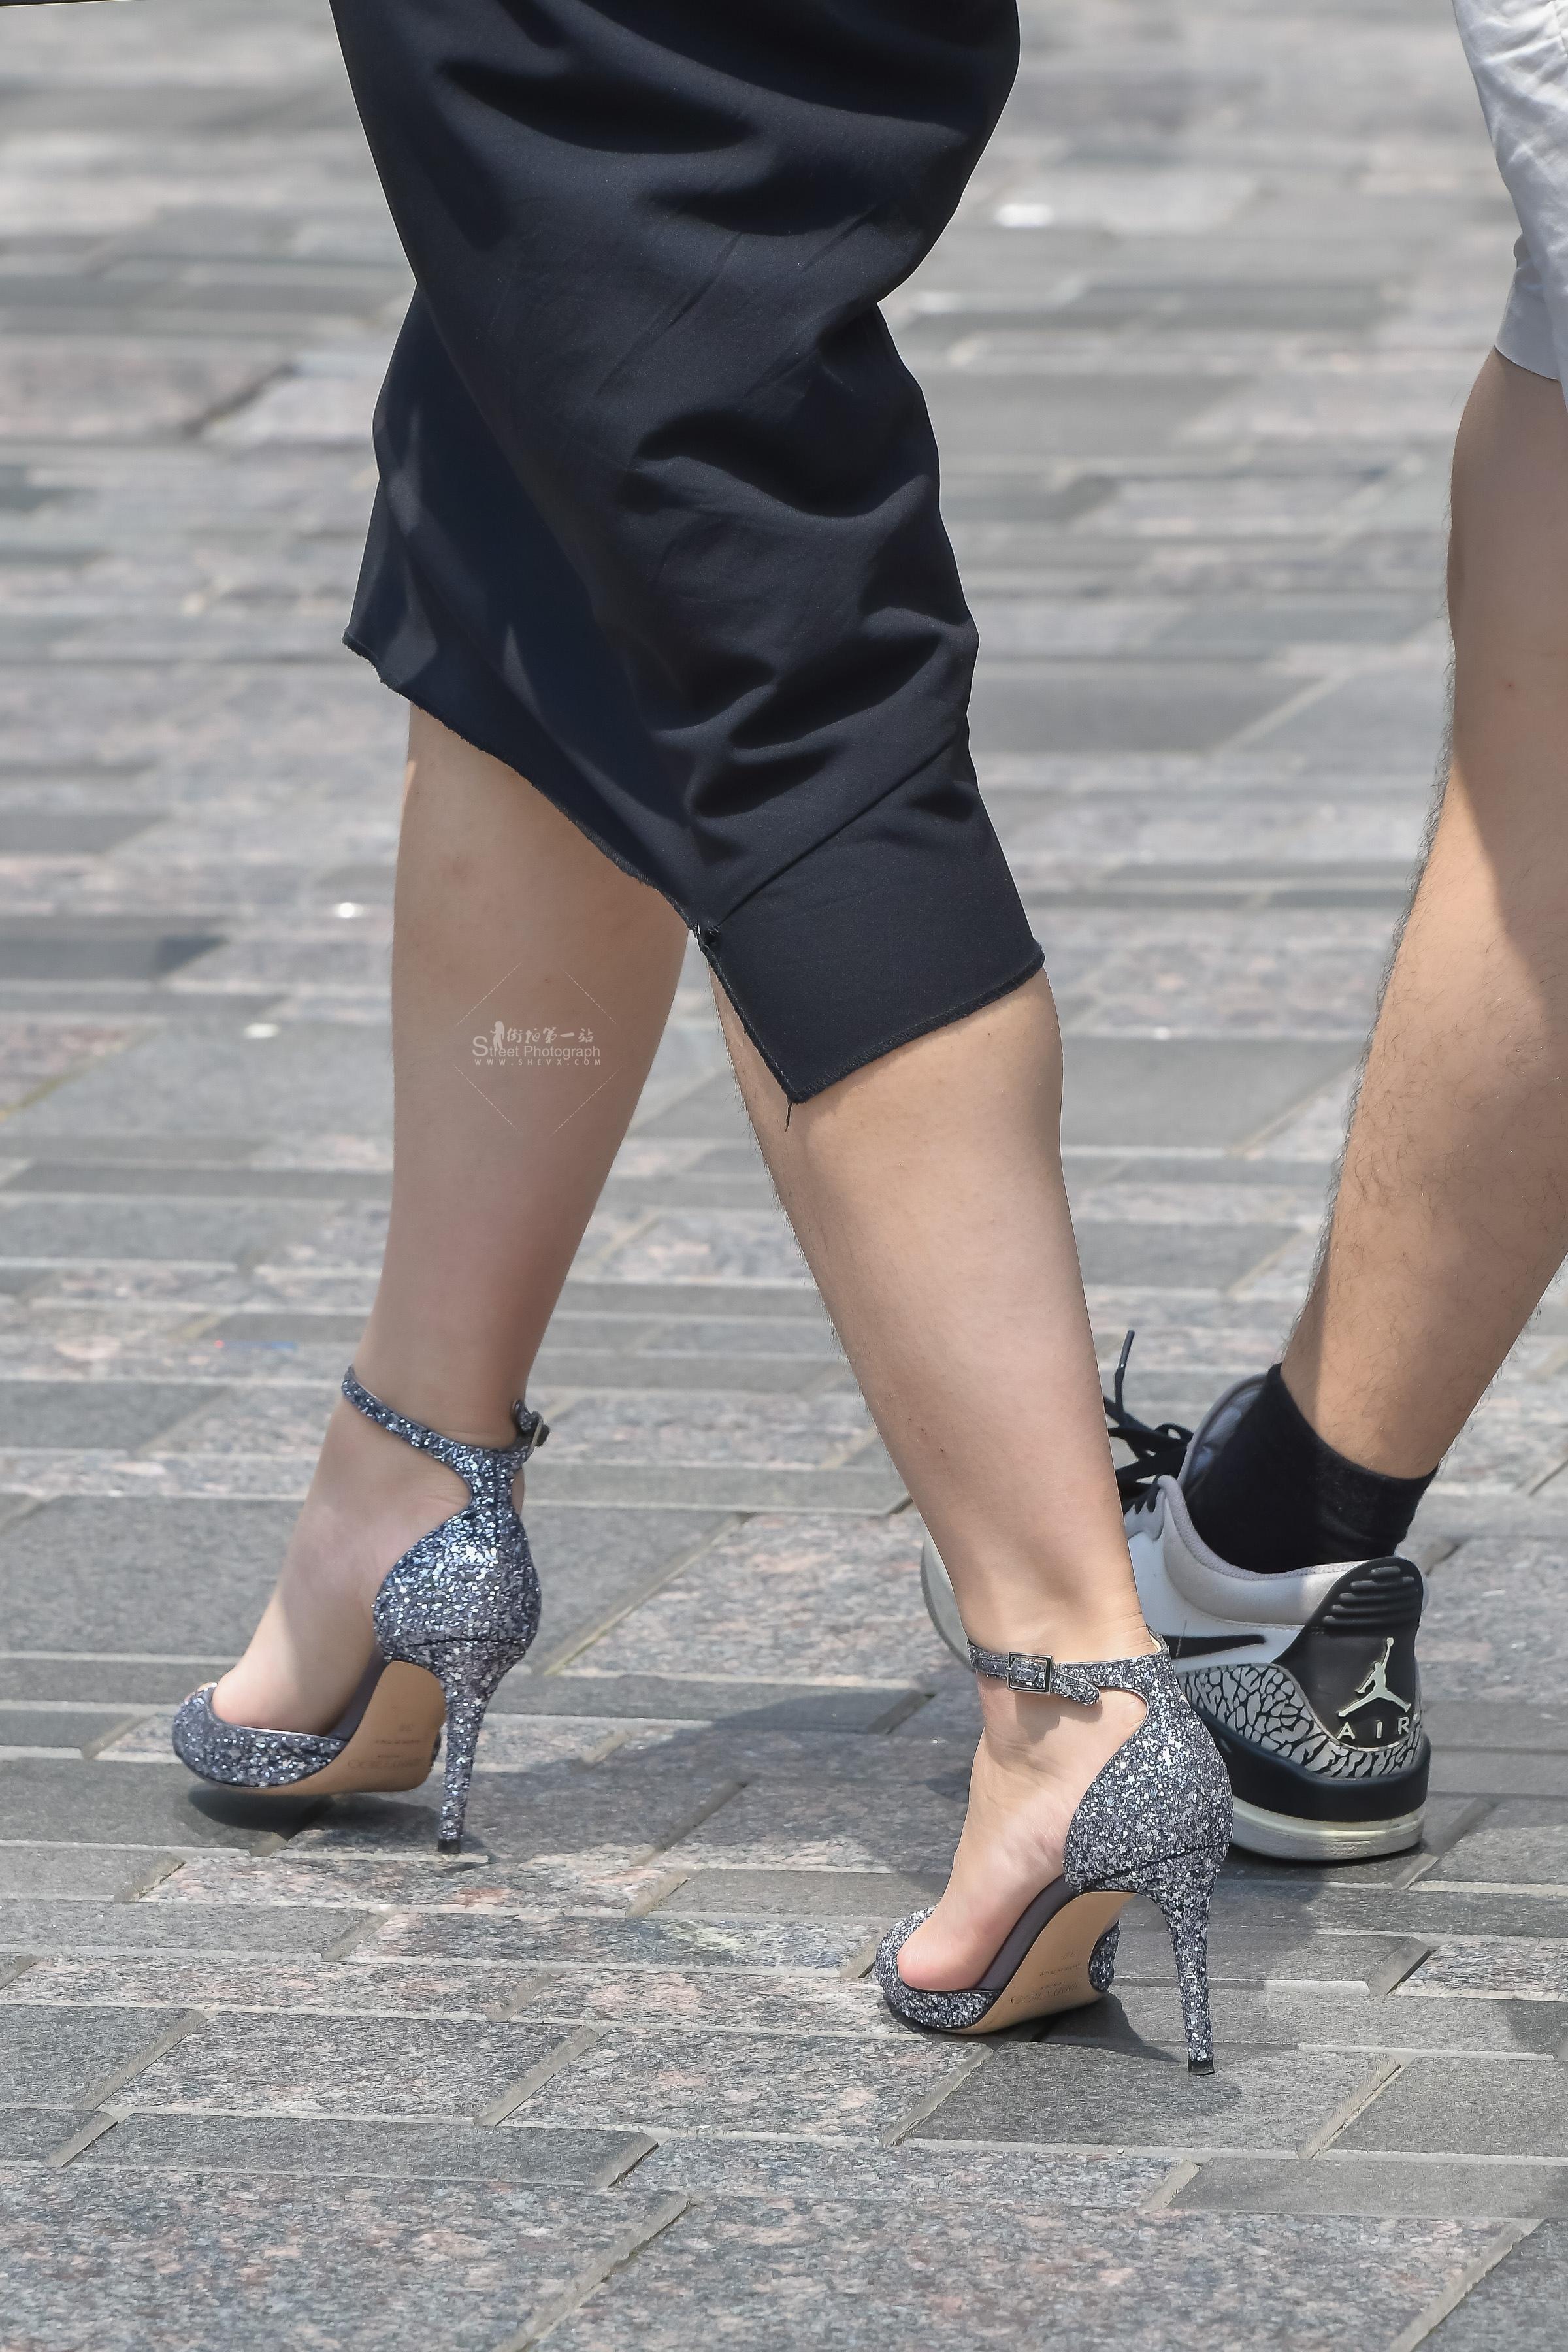 街拍高跟 一双 高跟鞋对姑娘有多重要 最新街拍丝袜图片 街拍丝袜第一站